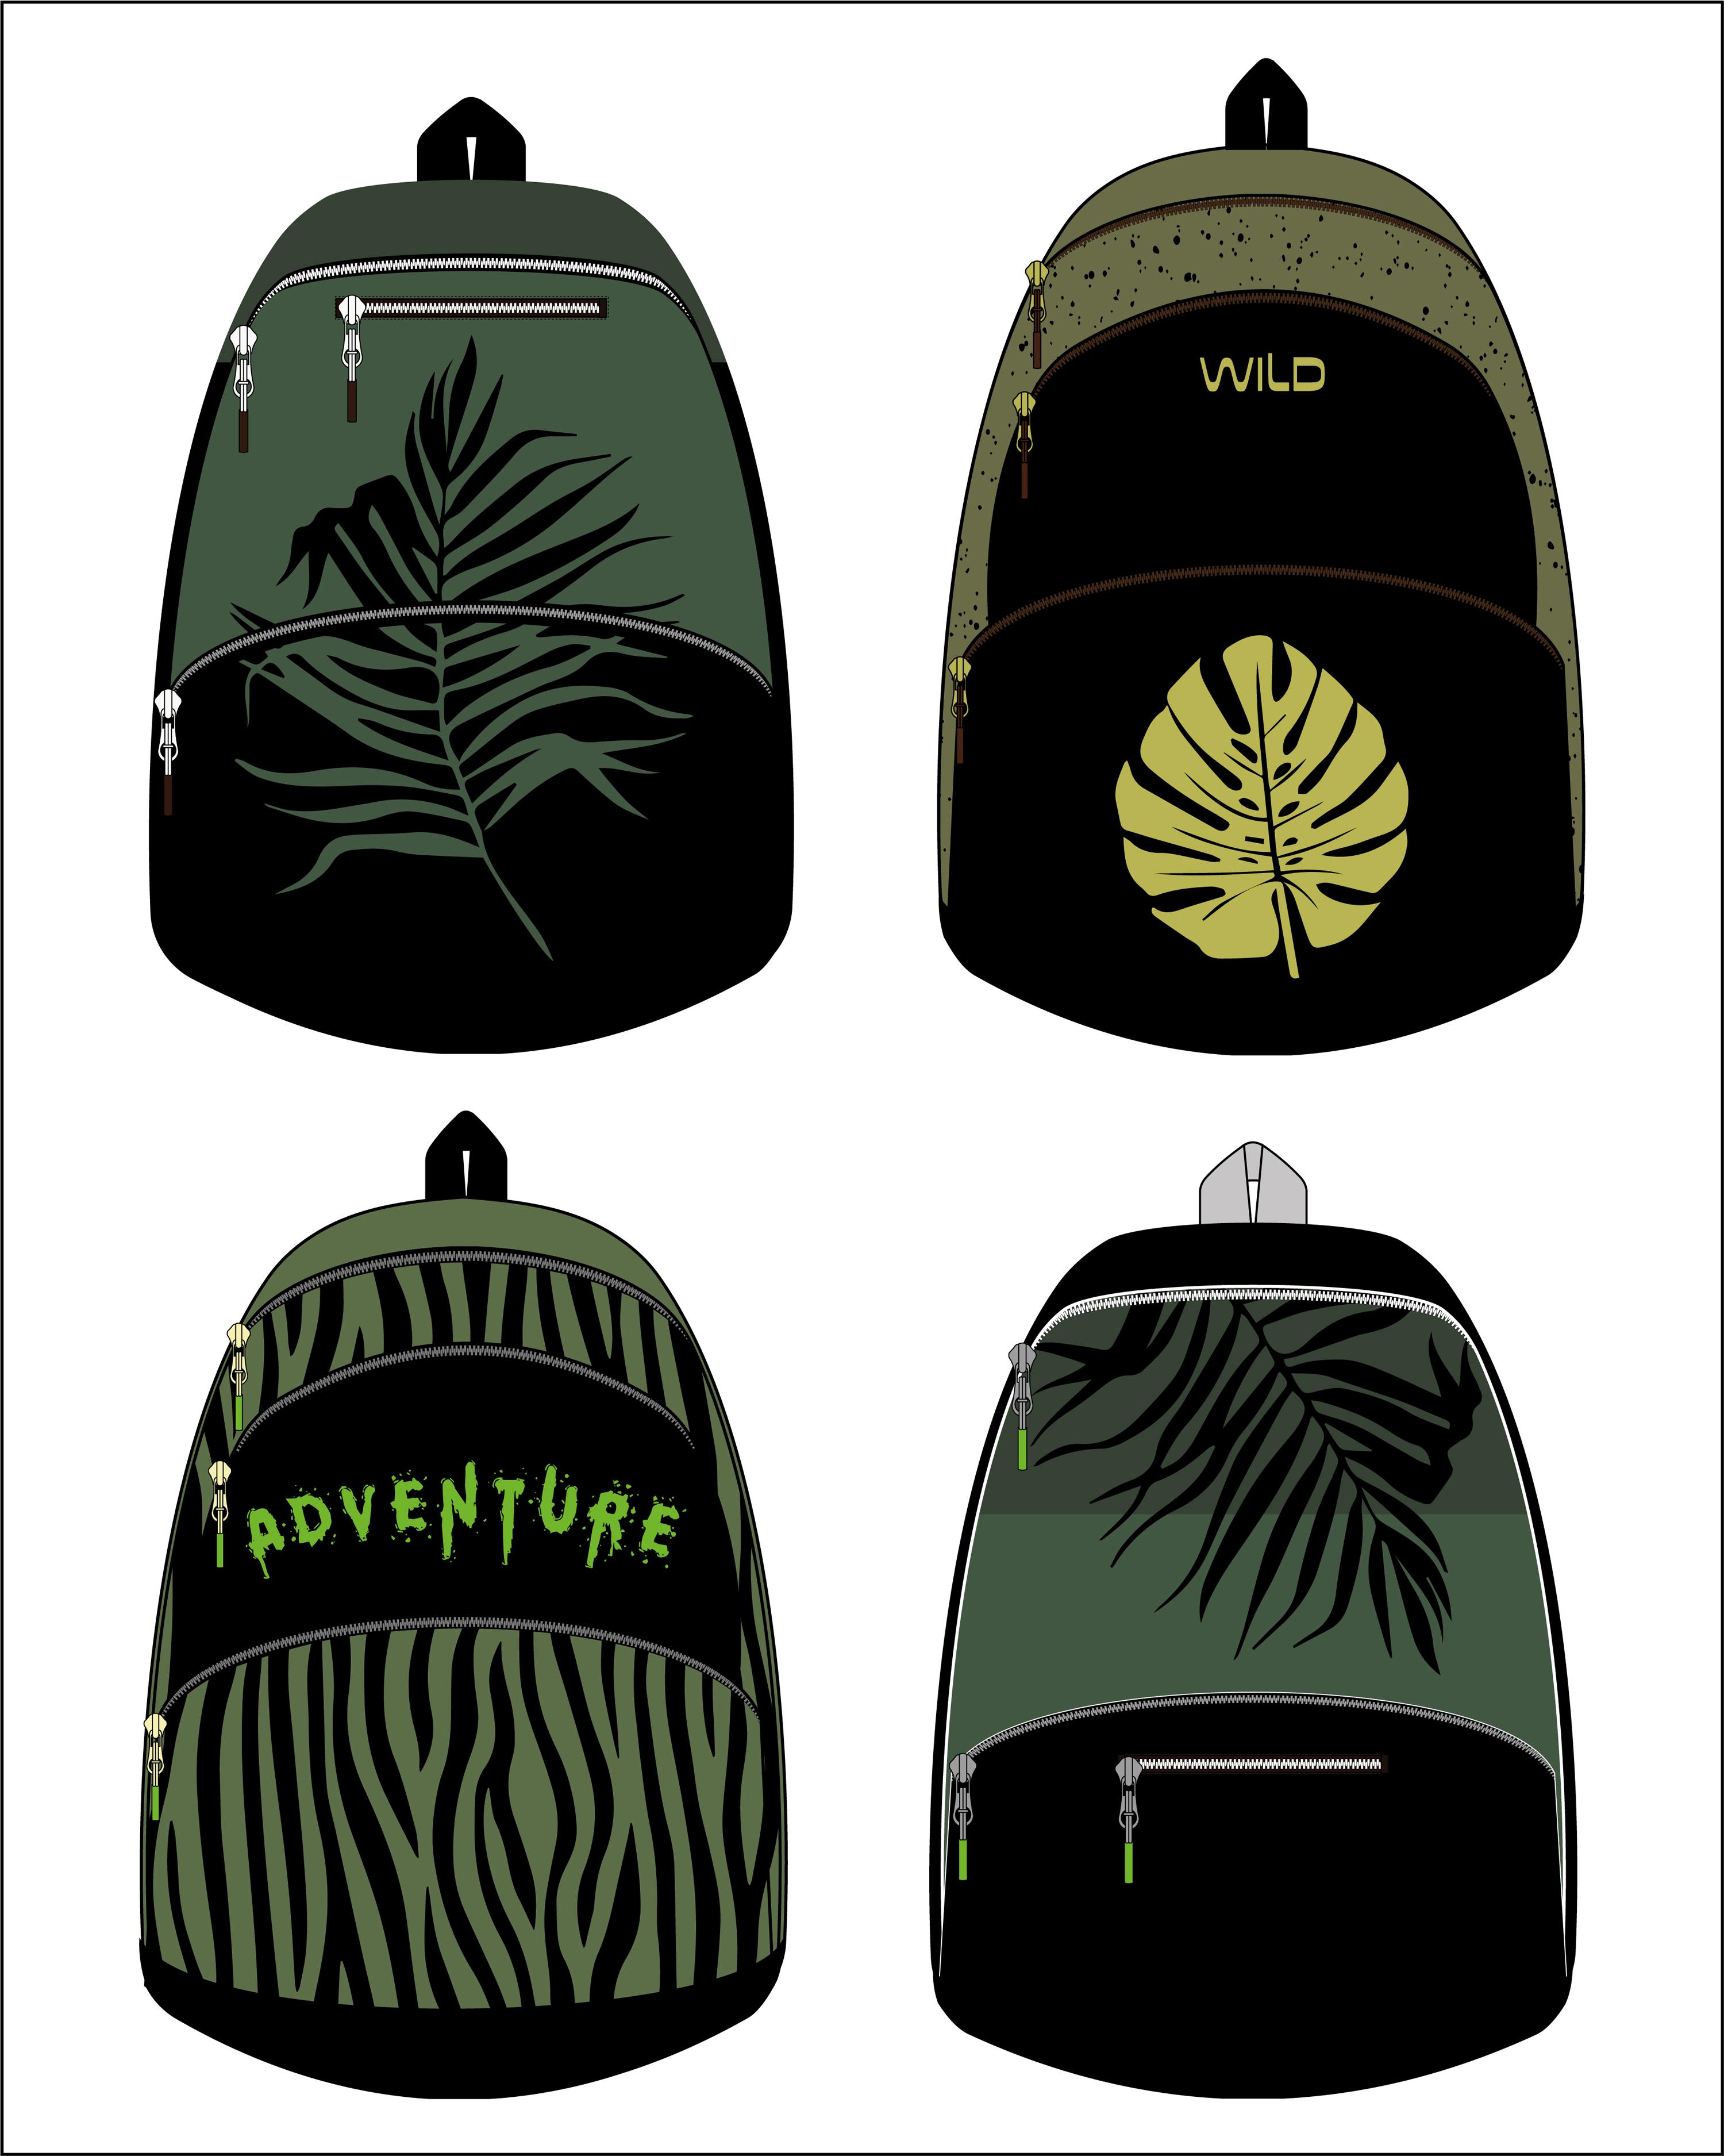 Конкурс на создание оригинального принта для рюкзаков фото f_8435f8c405a4975a.jpg